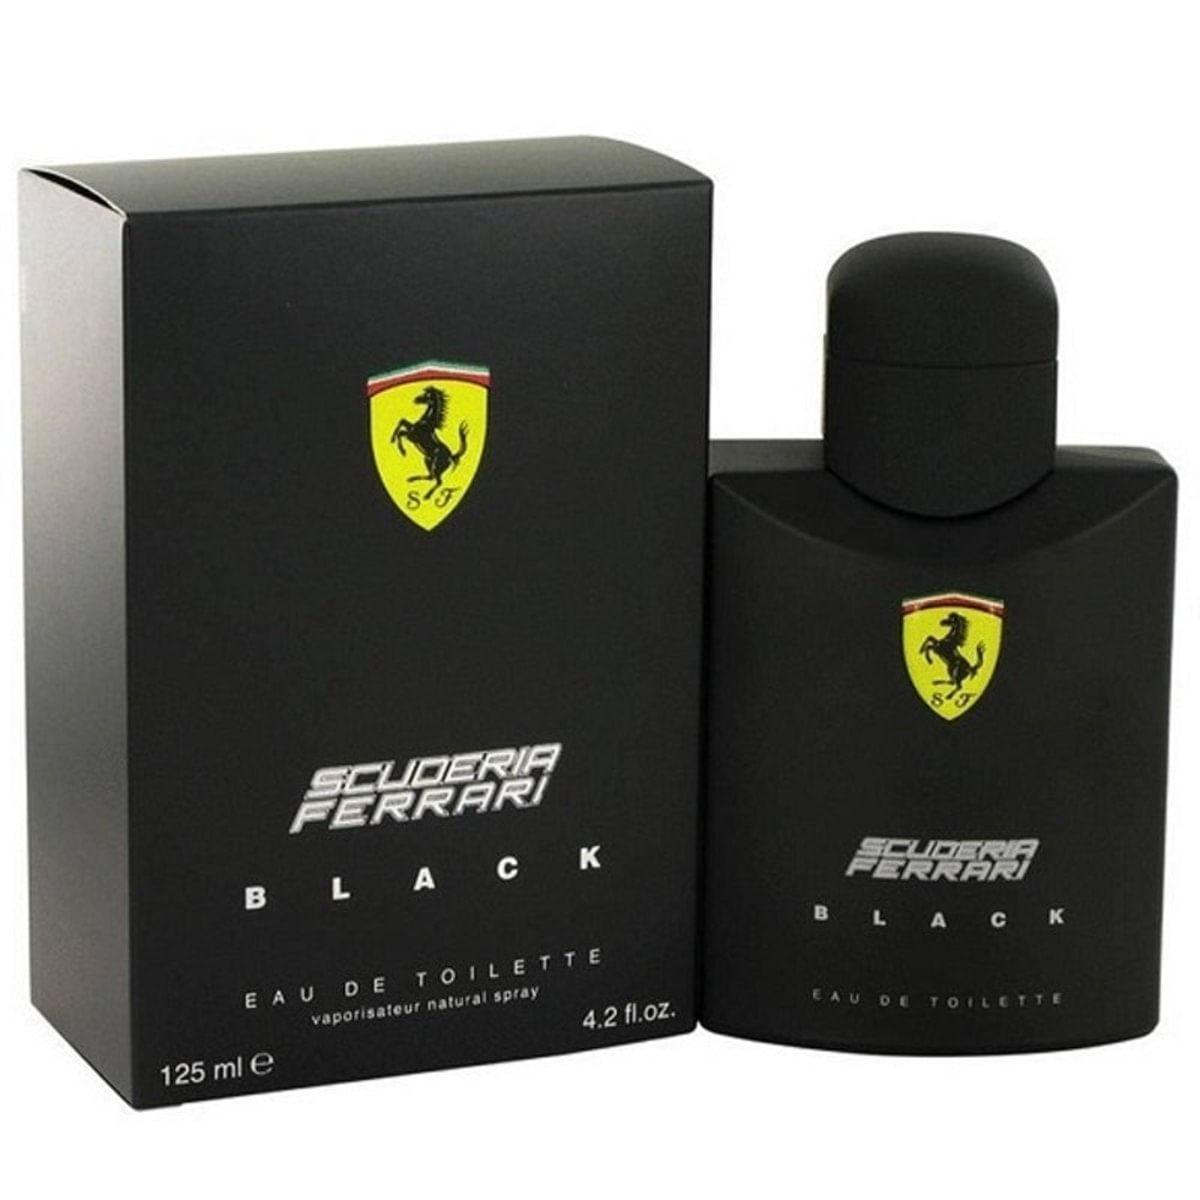 Imagem de Perfume Scuderia Ferrari Black 125ml